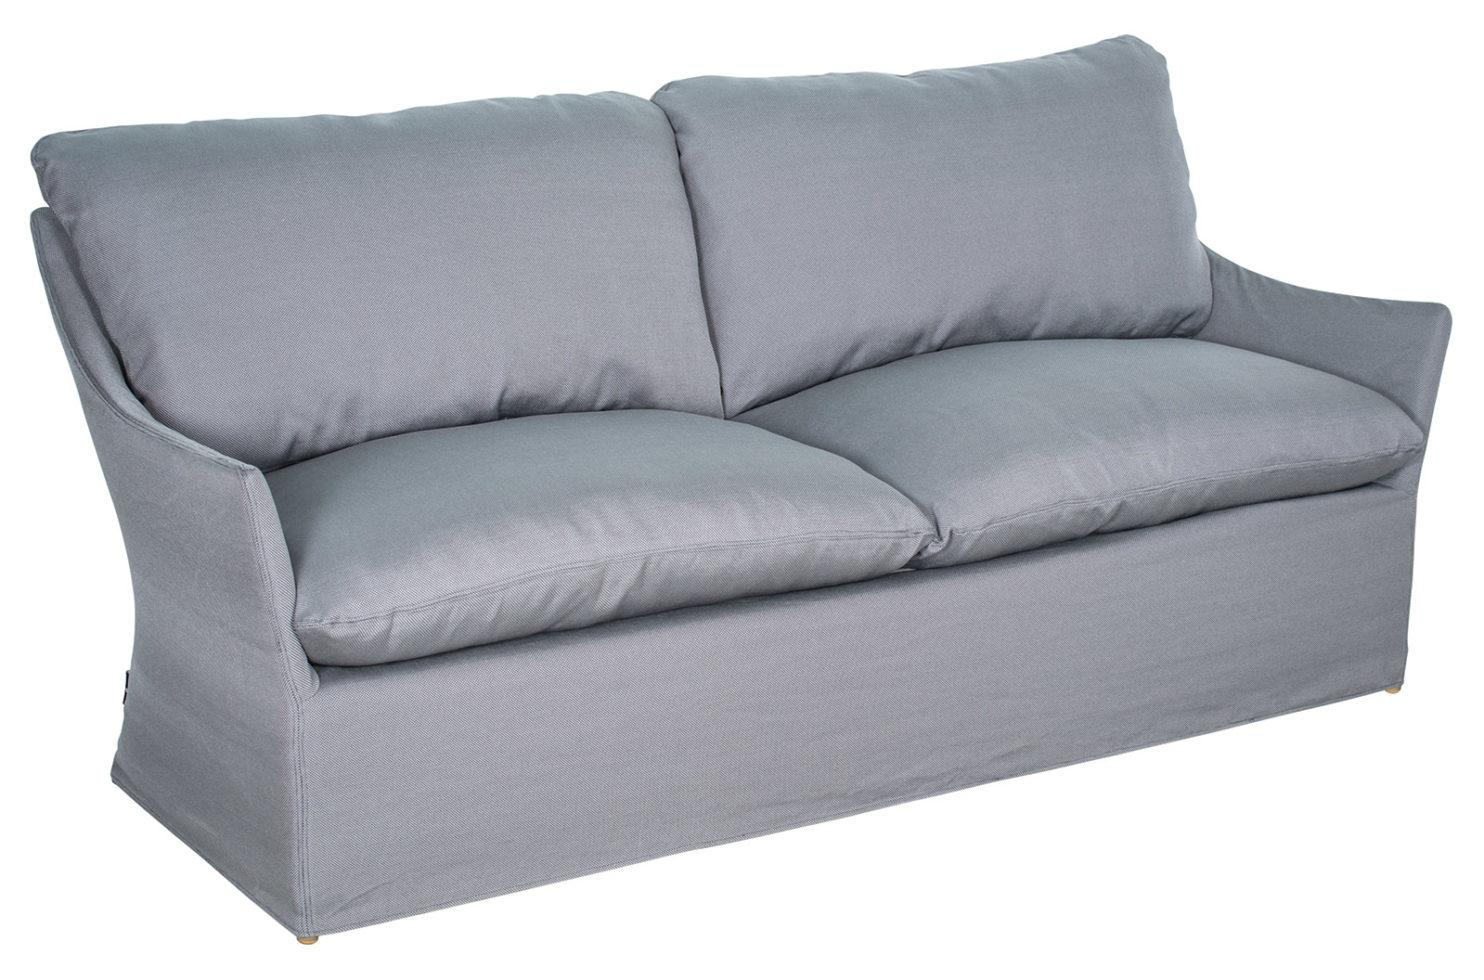 capri sofa 620FT094FC G 1 3Q